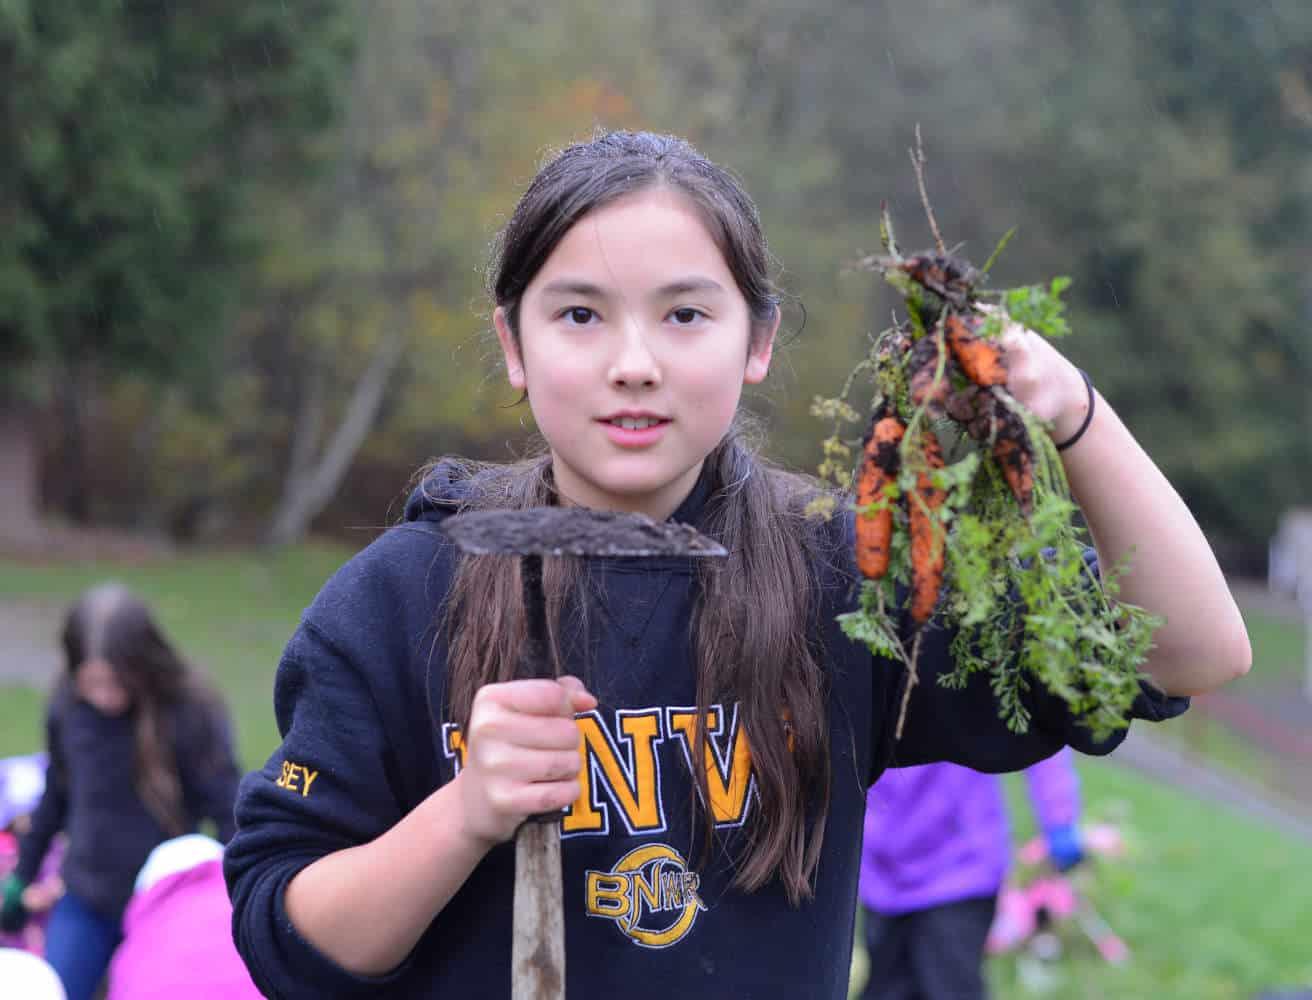 Girl holding carrots